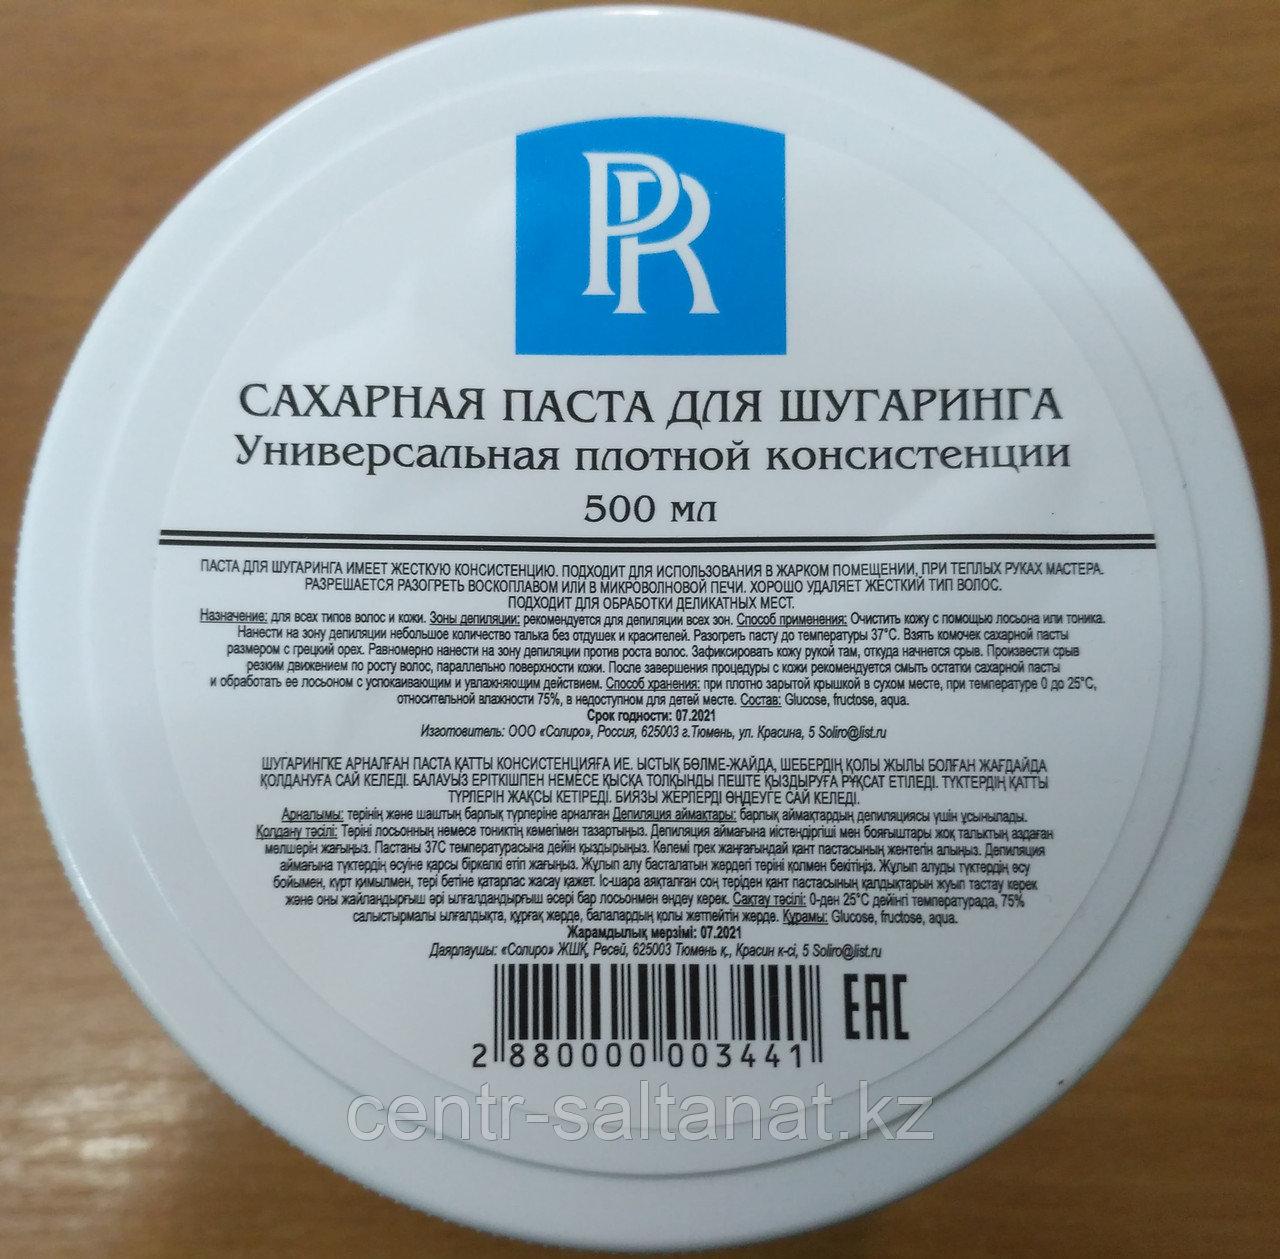 Сахарная паста для шугаринга натуральная плотной консистенции 500 мл